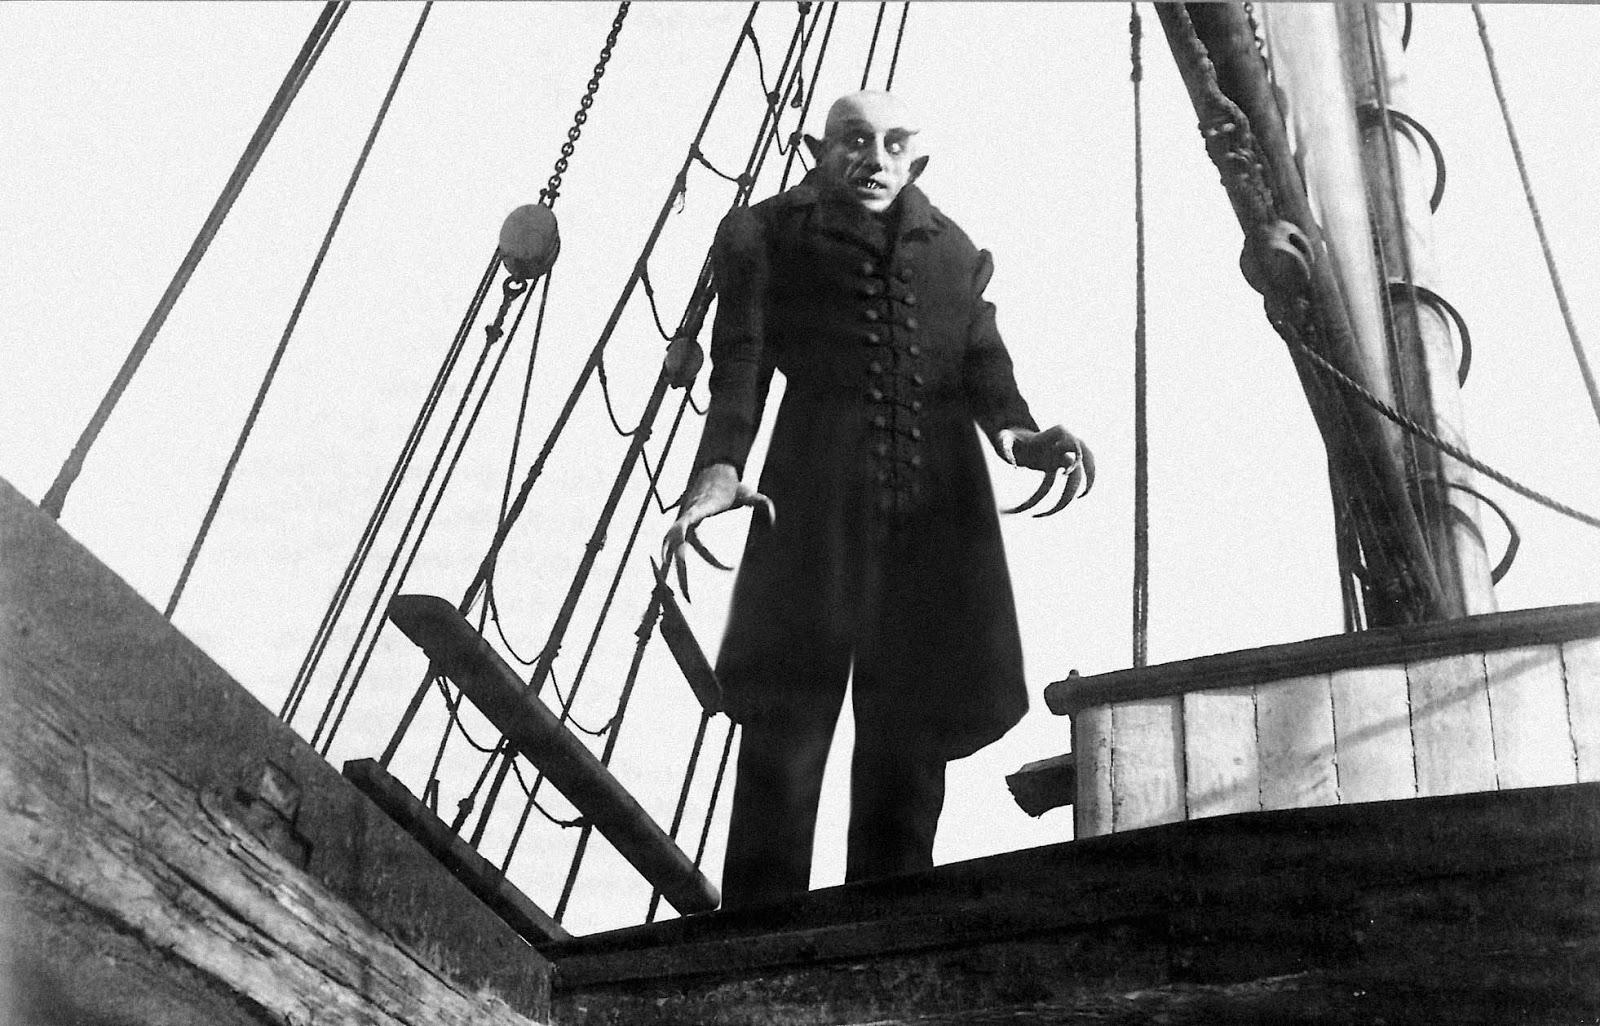 Una de las primeras películas que giran en torno al vampiro_ Nosferatu, es una película muda alemana que toma lugar en 1838, en Transilvania.